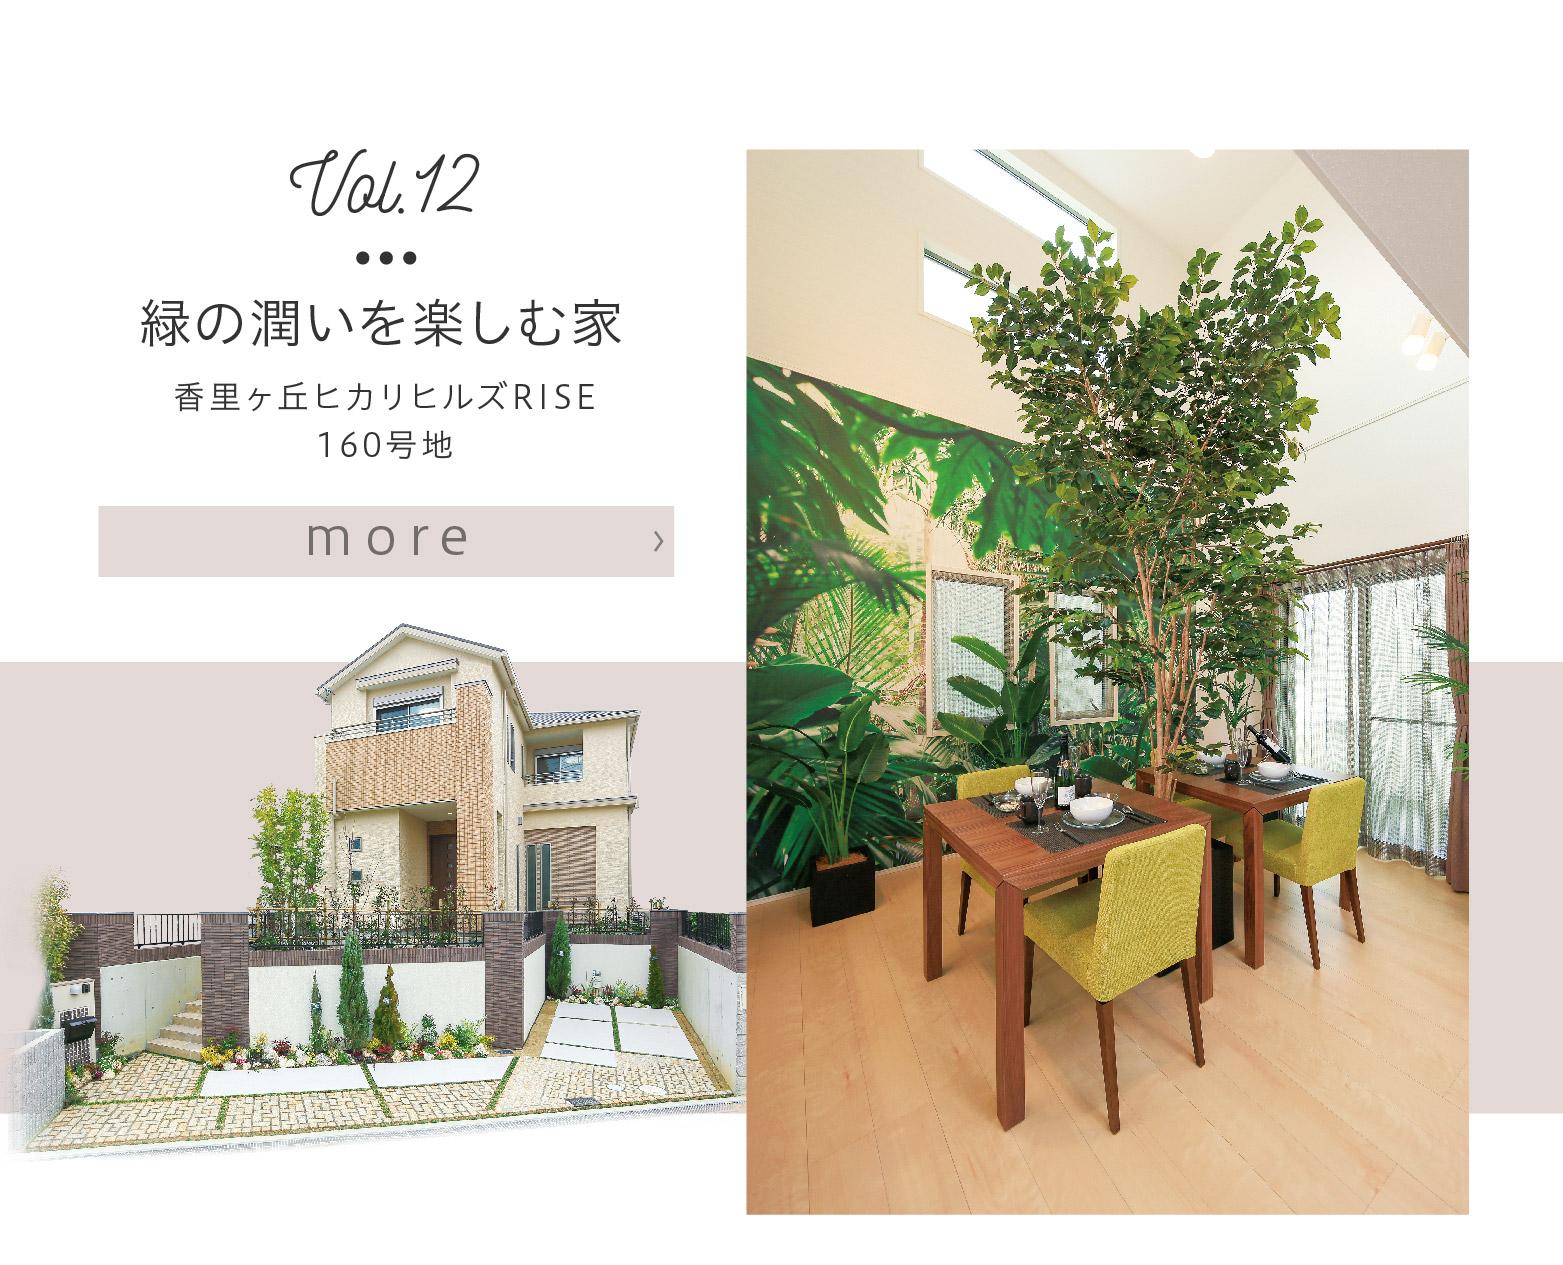 【香里ヶ丘ヒカリヒルズRISE 160号地】モデルハウスを見る